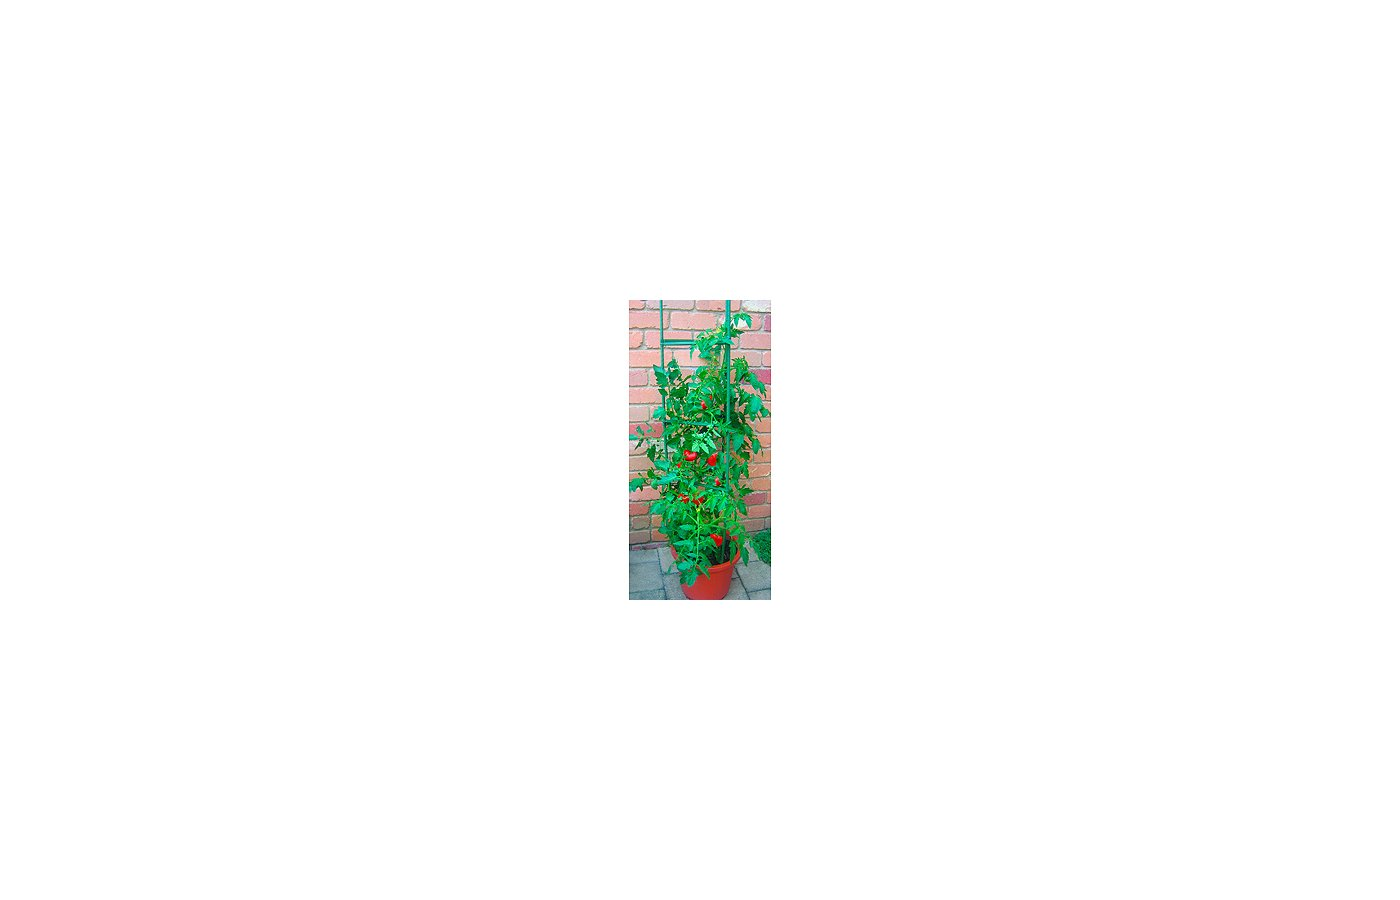 садовые товары GREEN APPLE GTC-5 Опора для томатов 1.5м